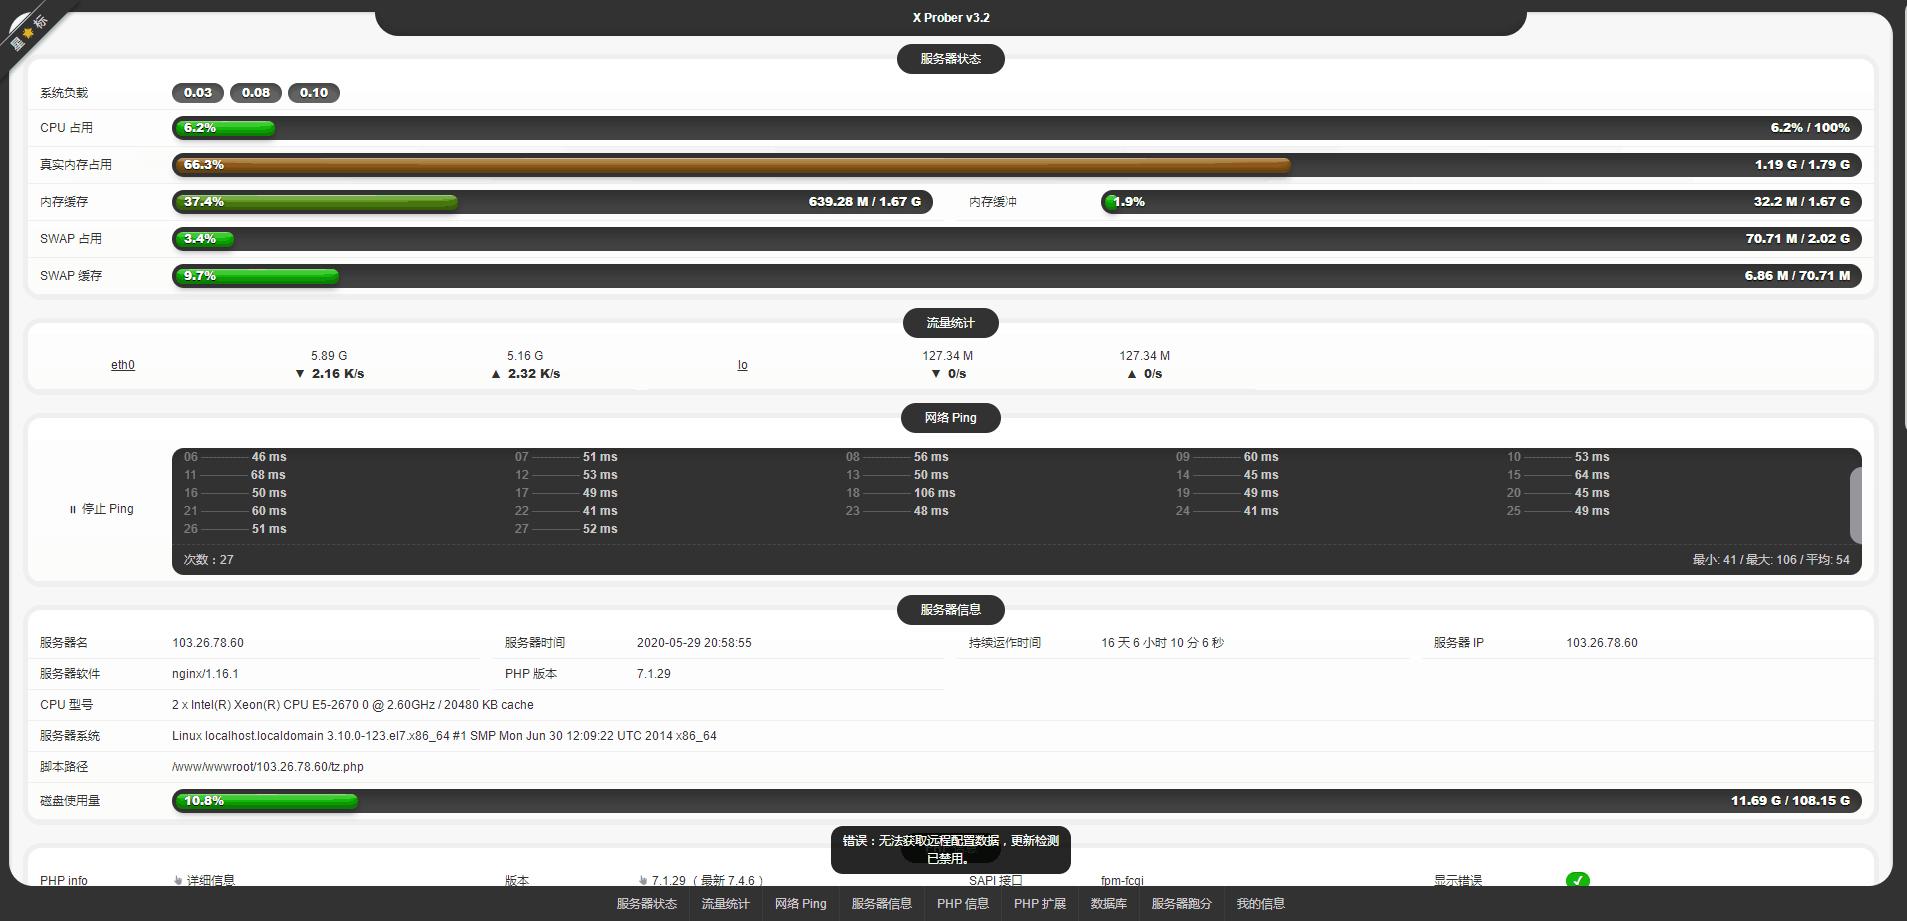 服务器探针 (刘海探针)—开源PHP探针 开源PHP探针 刘海探针 服务器探针 精品软件 第1张